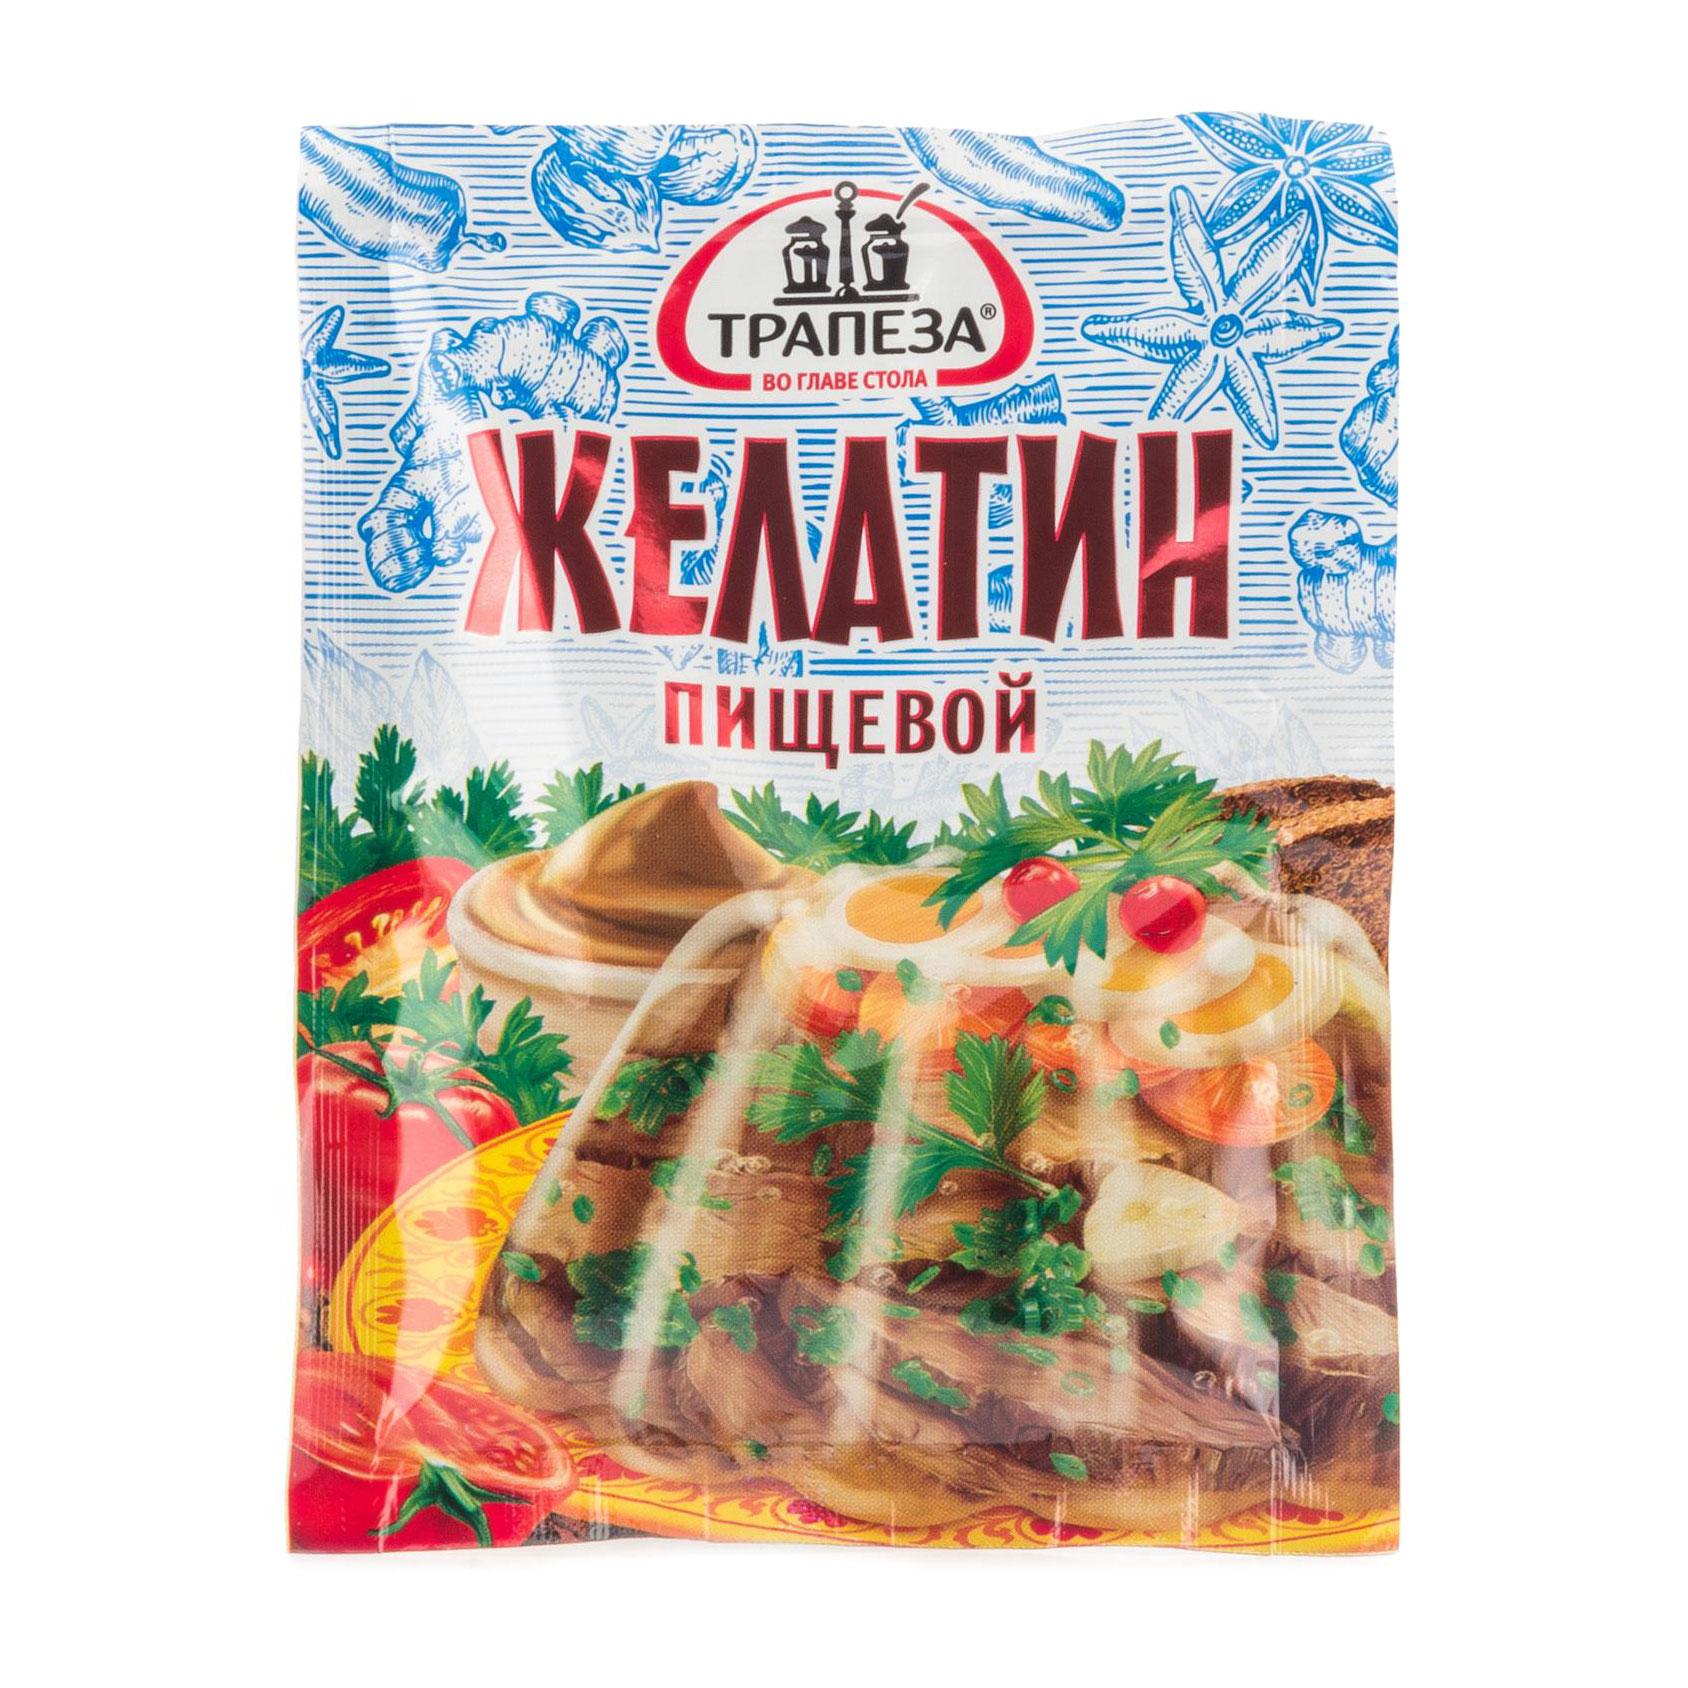 богородская трапеза грибы подосиновики маринованные 350 г Желатин пищевой Трапеза П-11 25 г